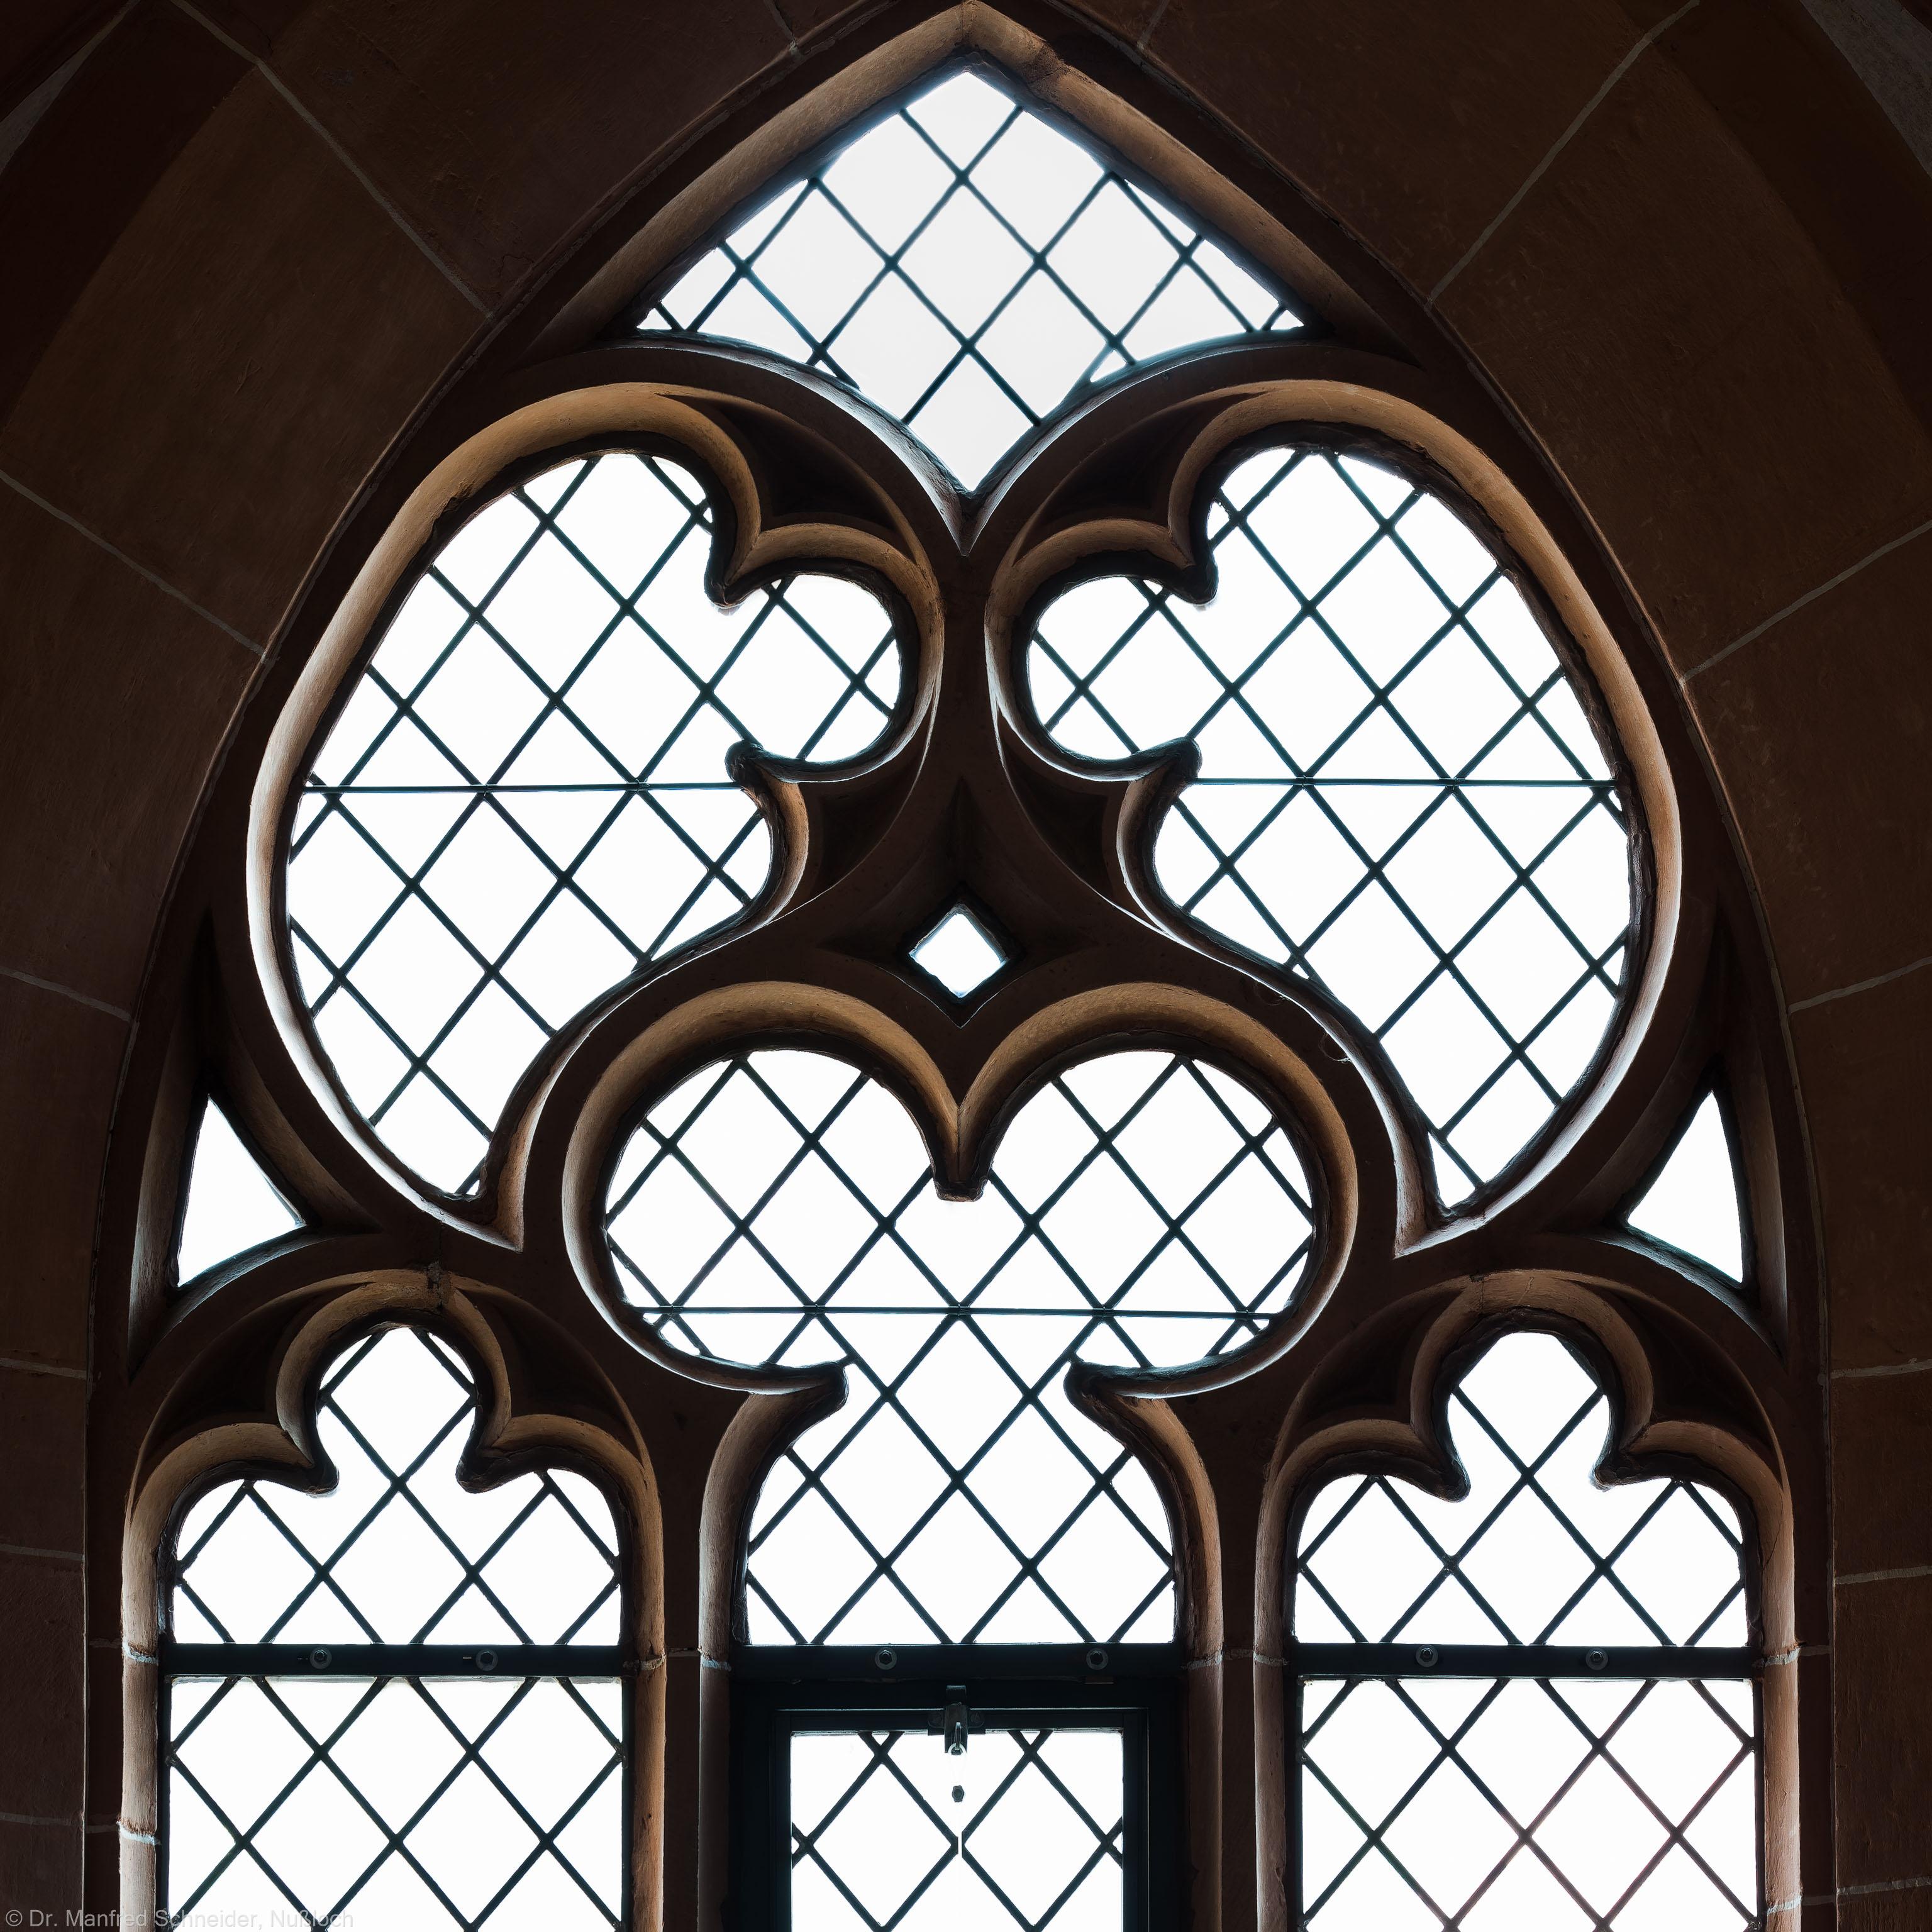 Heidelberg - Heiliggeistkirche - Südempore - 4. Joch, von Westen aus gezählt - Fenstermaßwerk (aufgenommen im Mai 2015, am späten Nachmittag)